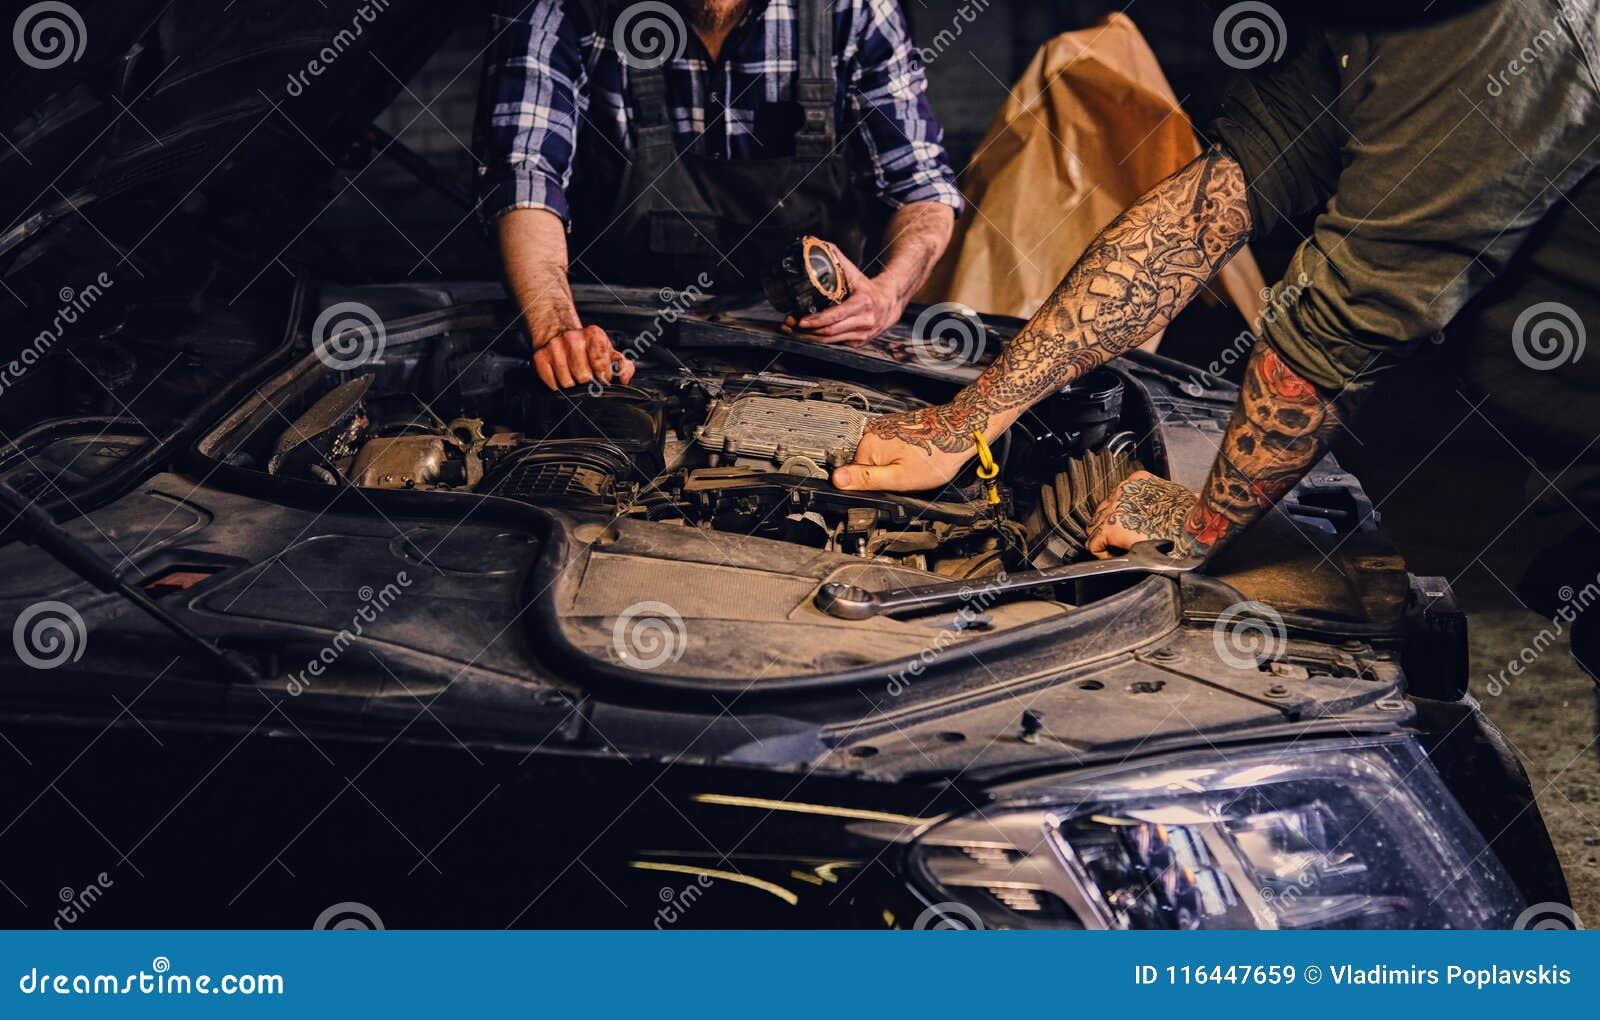 comp 关闭两位技工的图象有纹身花刺的在胳膊,修理汽车` s发动机零件